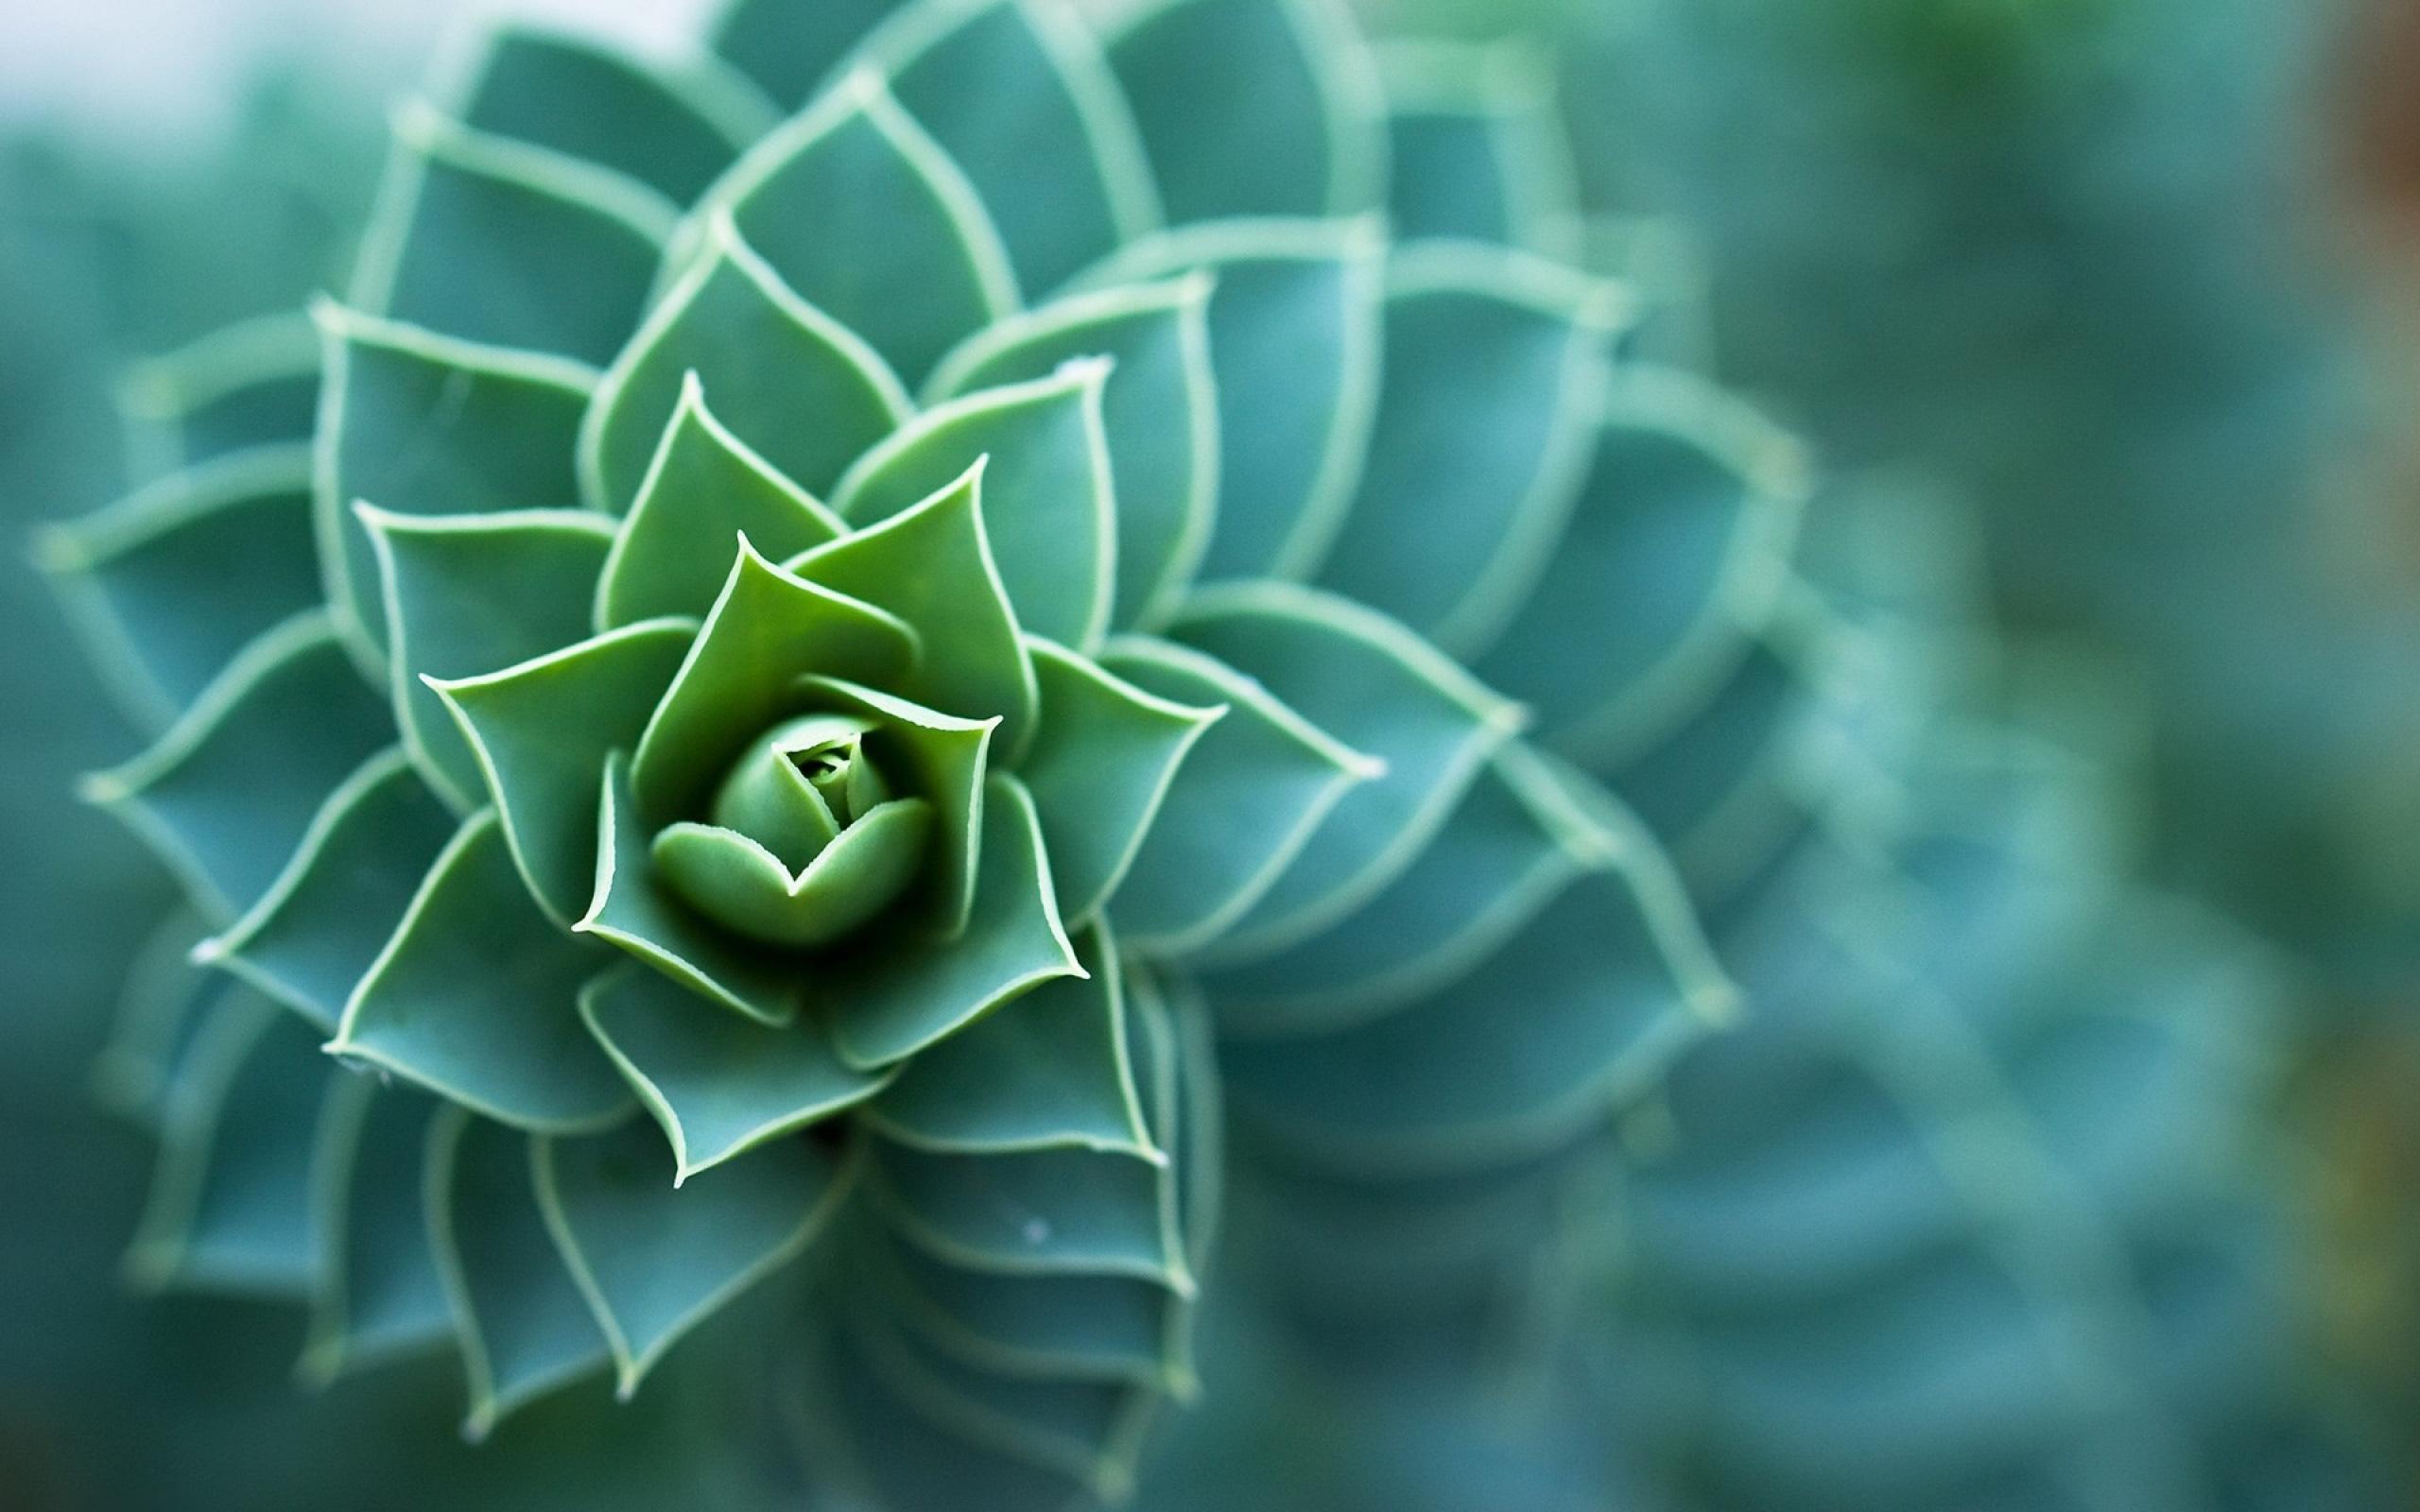 Macro plant photo